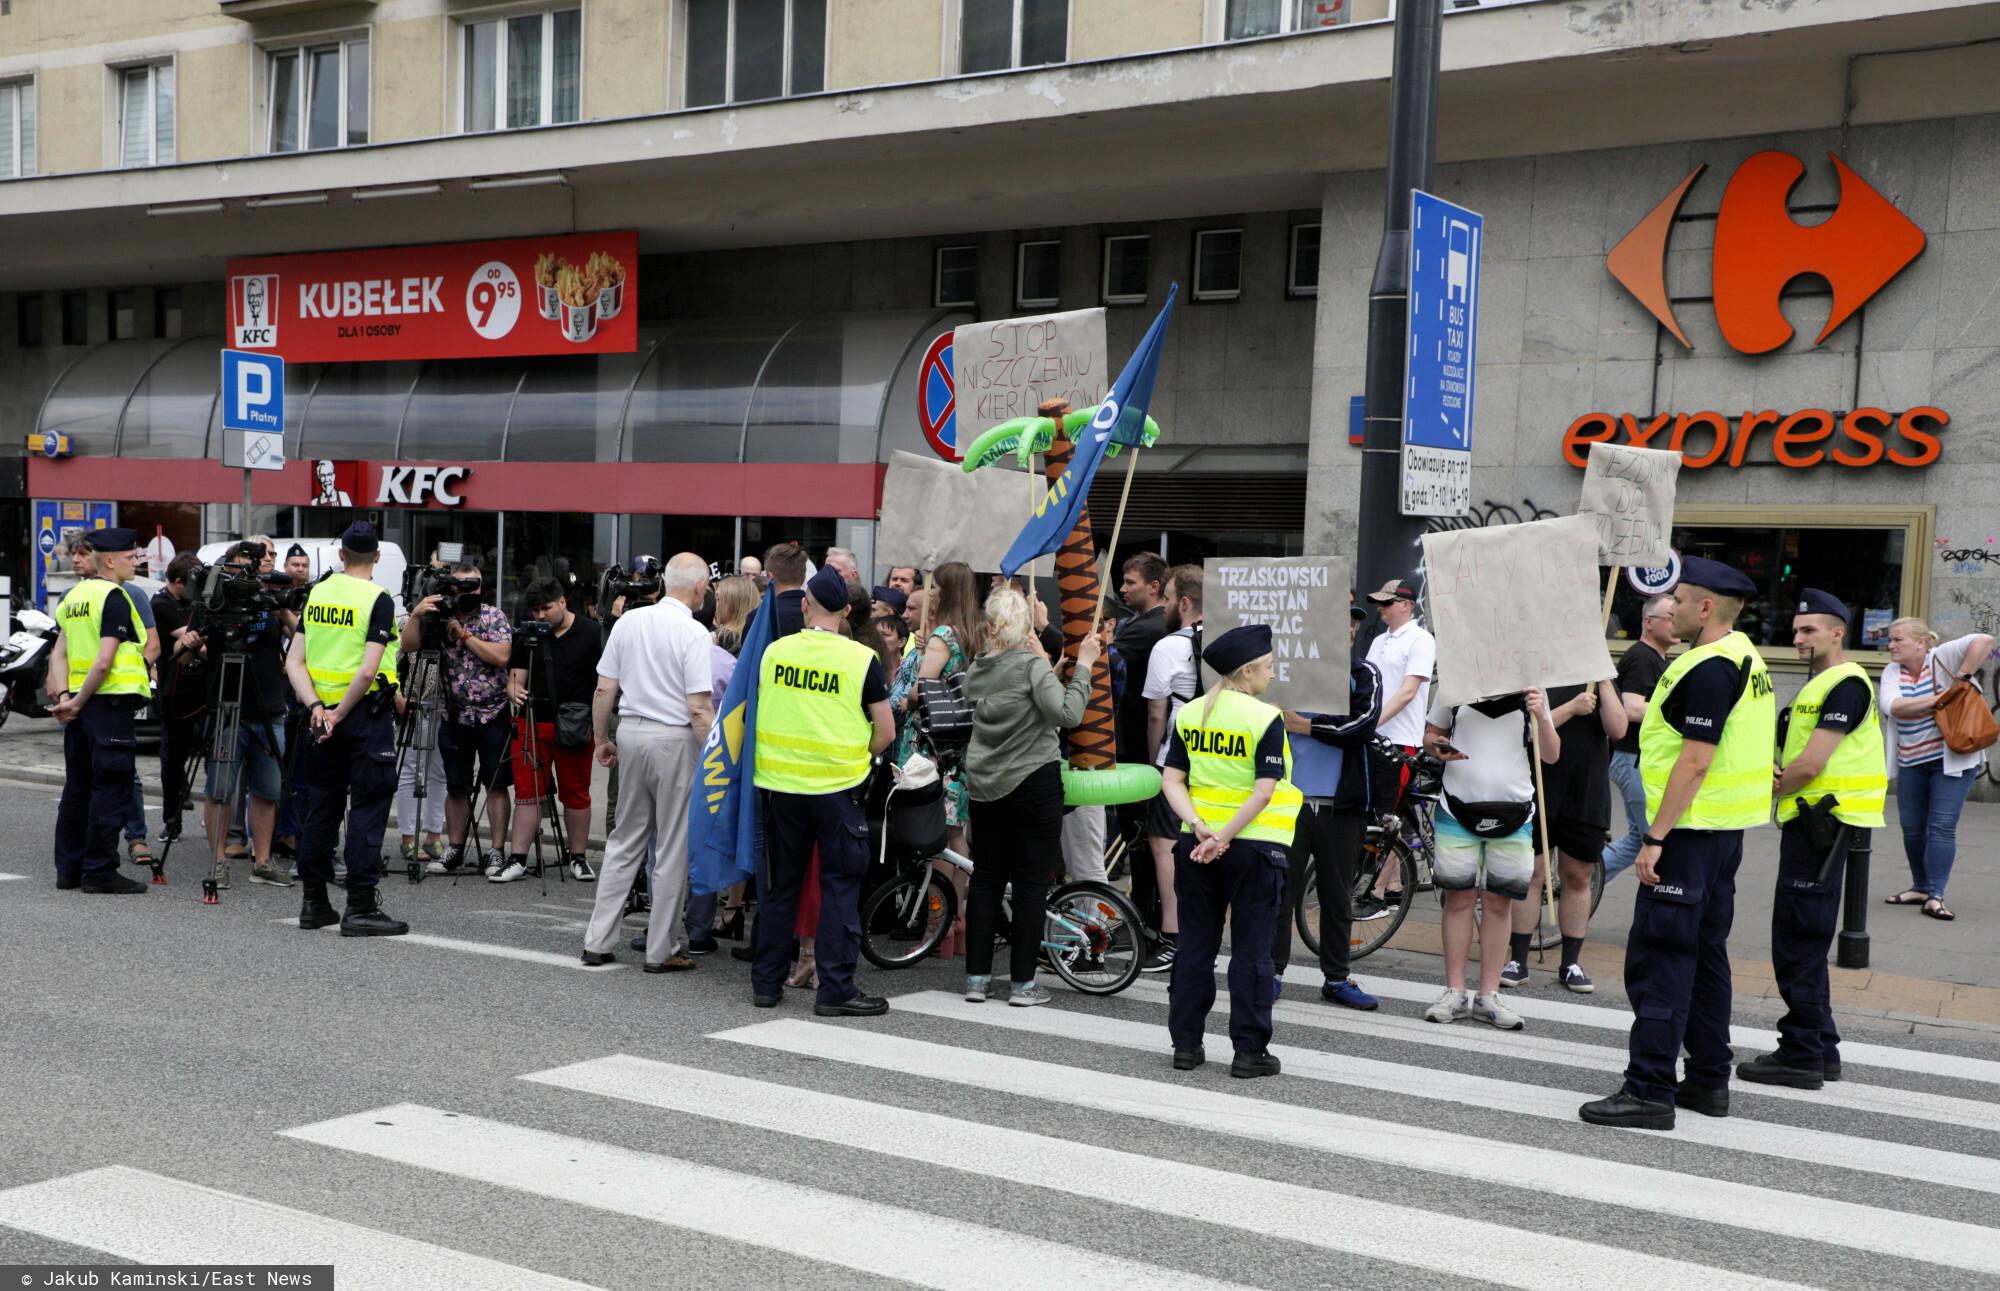 Fot. Jakub Kaminski/East News, 05.07.2021. Protest partii KORWiN - Okregu Warszawa i Klubu Konfederacji Warszawa przeciwko drogowym planom wladz miasta.